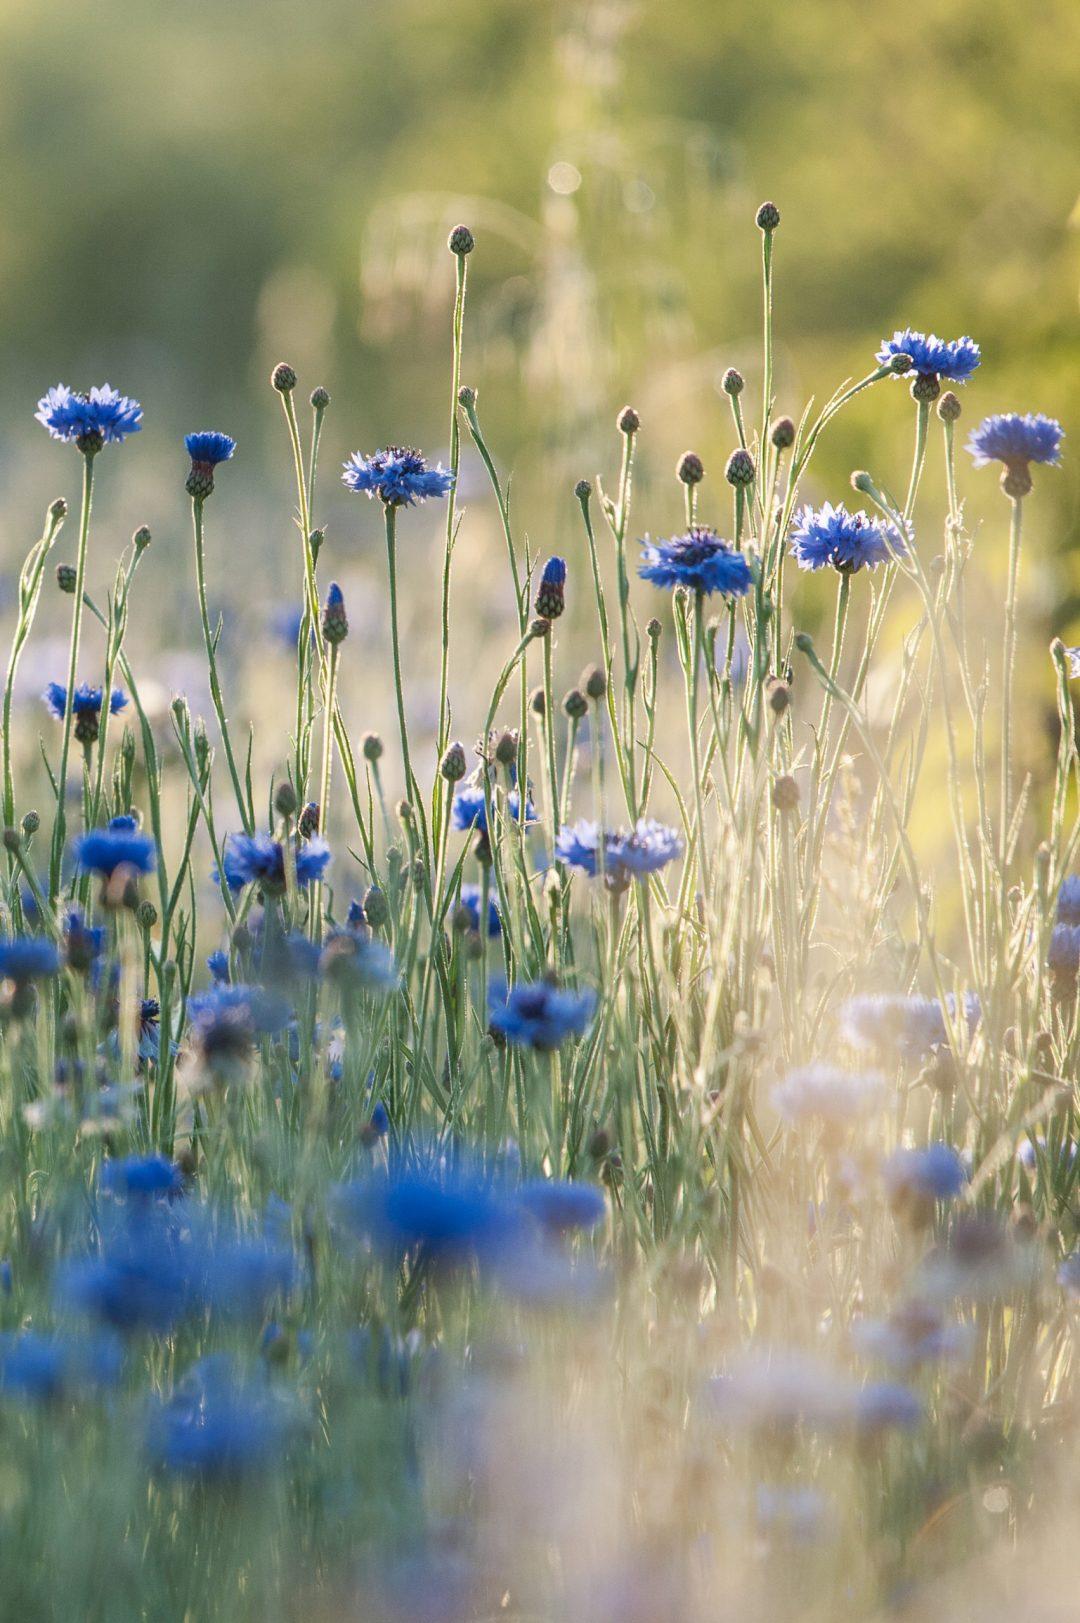 Les Fleurs de Basile : producteur de plantes et de cosmétiques agroécologiques